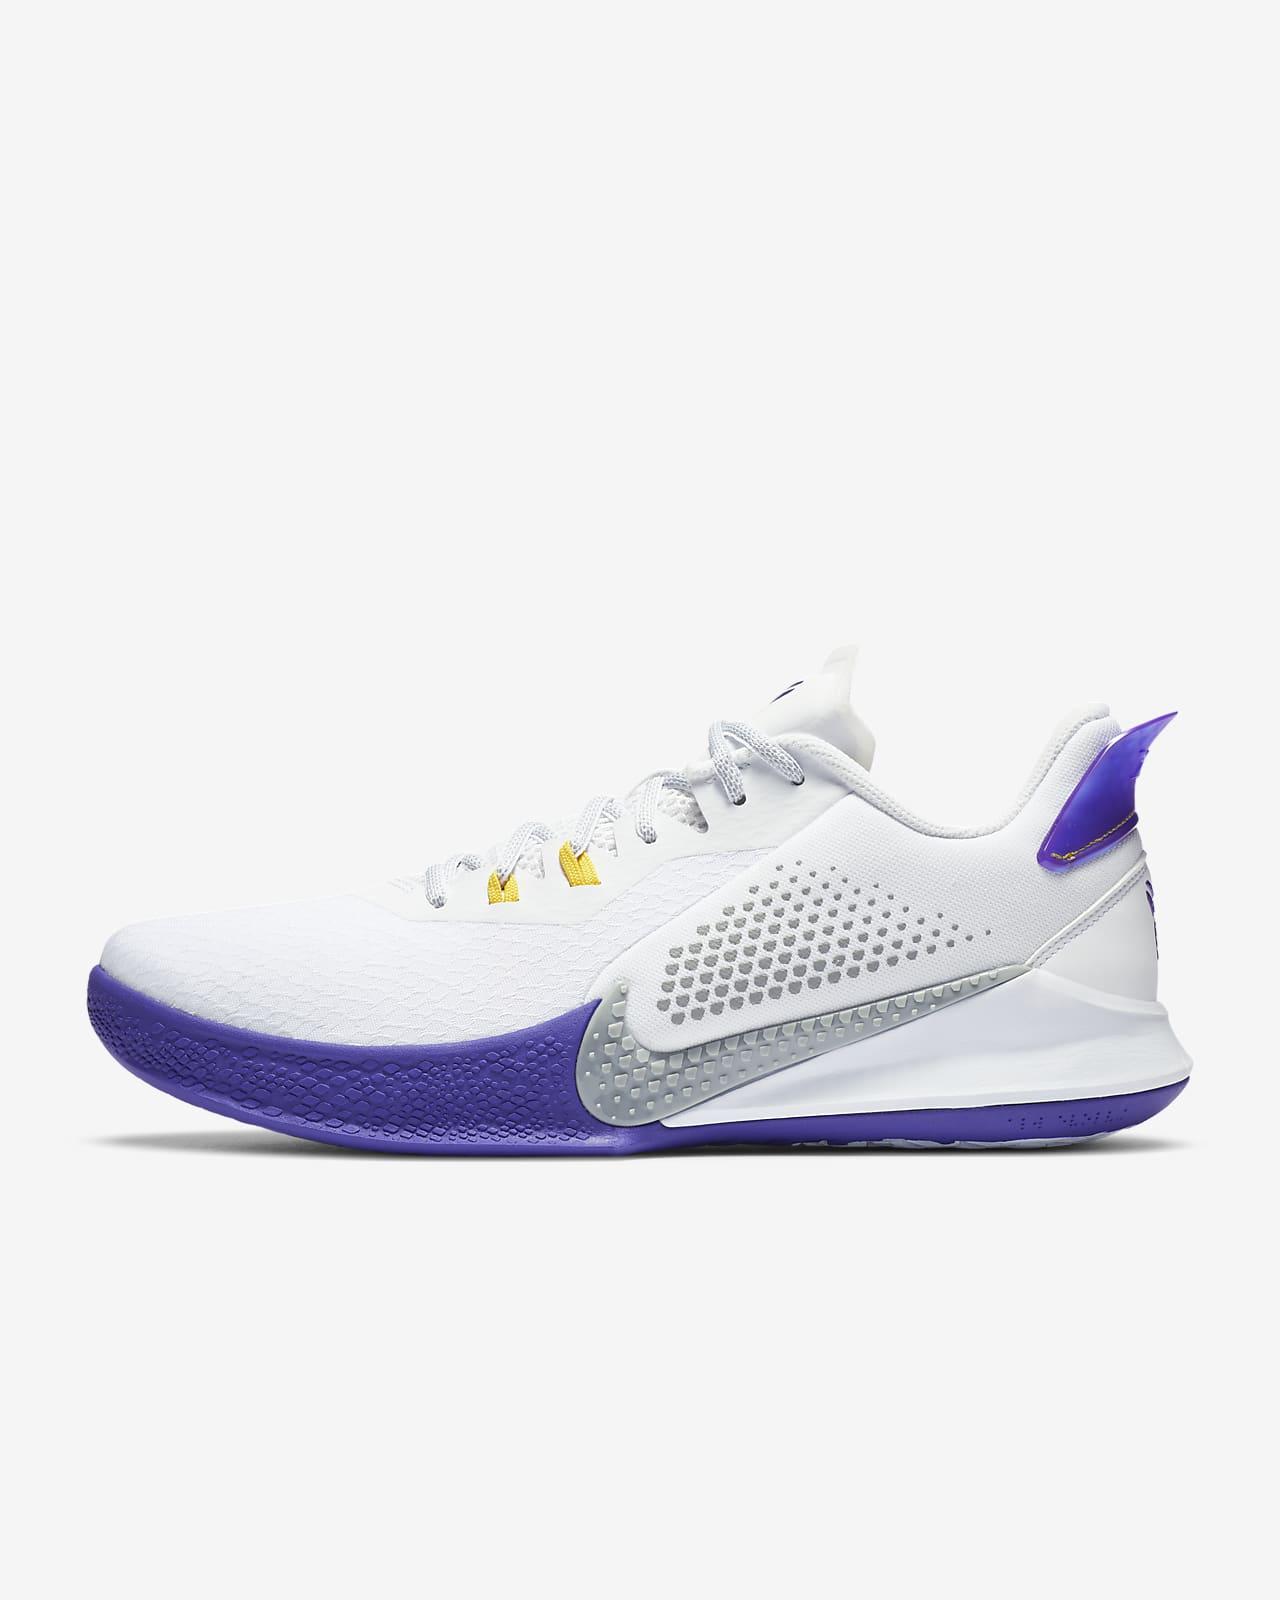 Παπούτσι μπάσκετ Mamba Fury